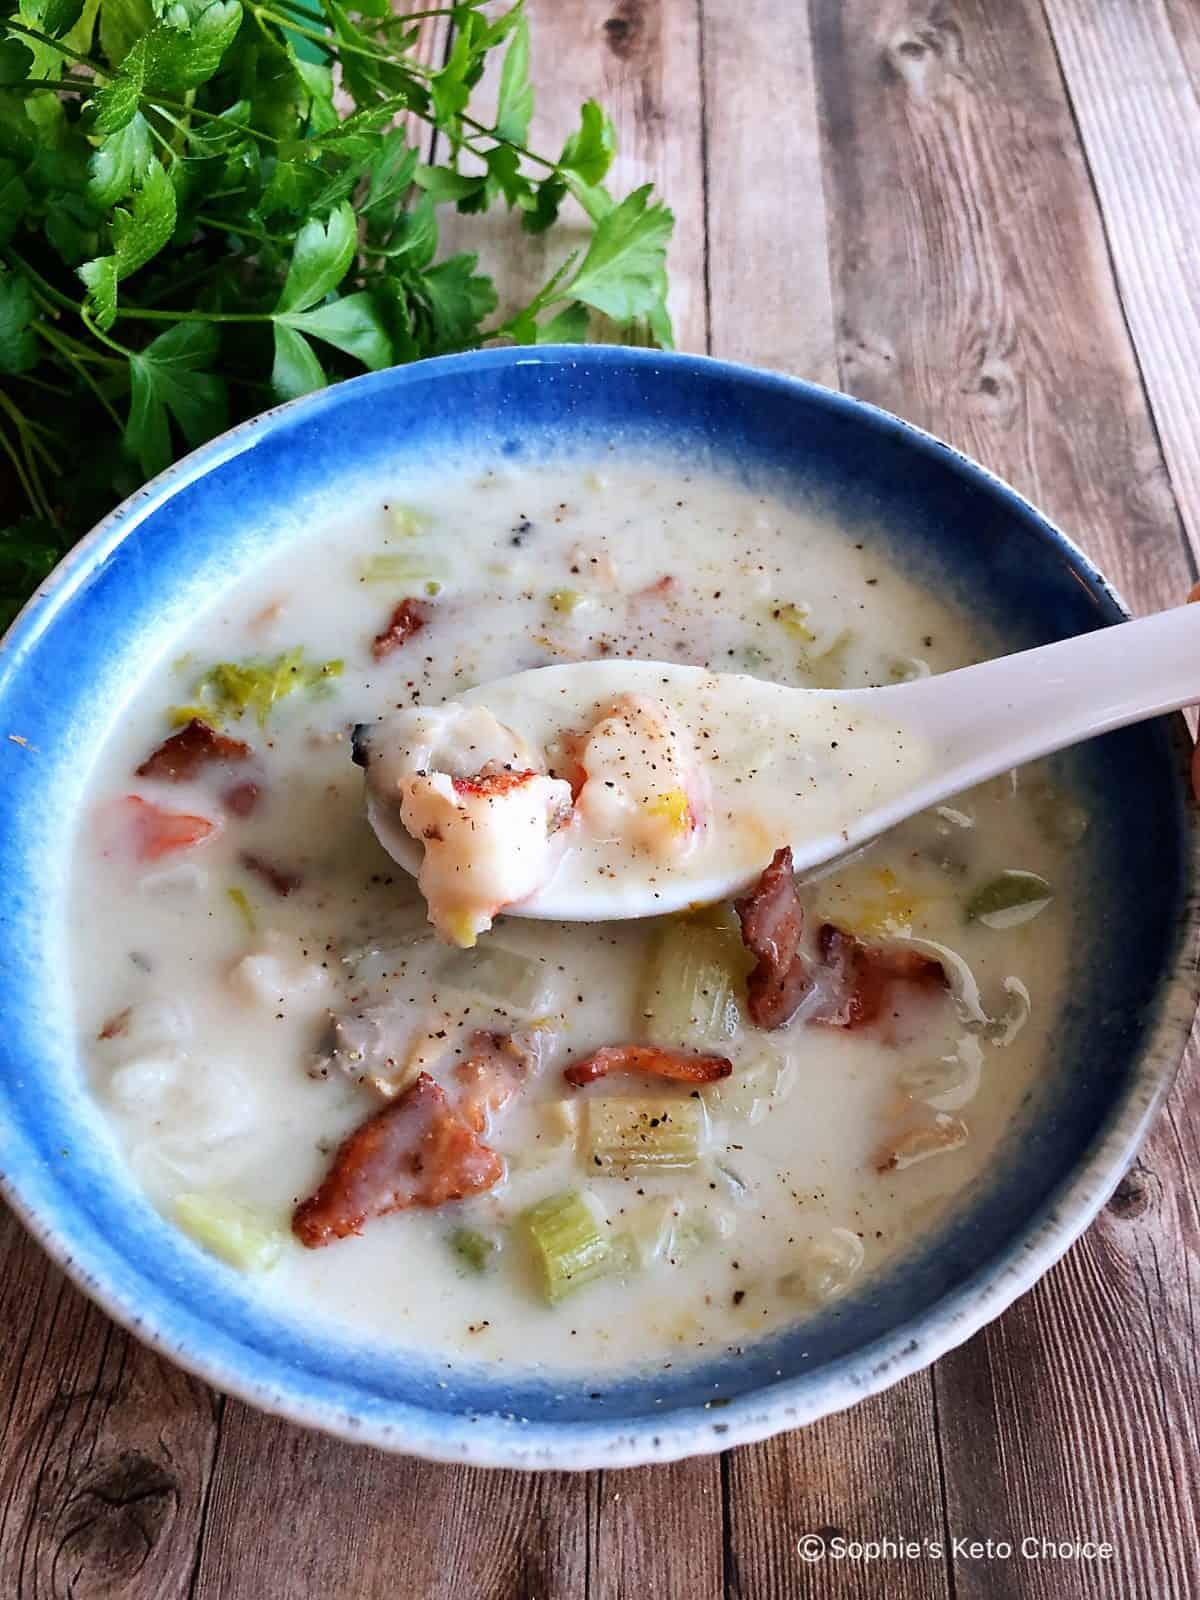 生酮海鮮巧達湯 Keto Seafood Chowder-3個撇步煮出餐廳級濃湯!無澱粉!